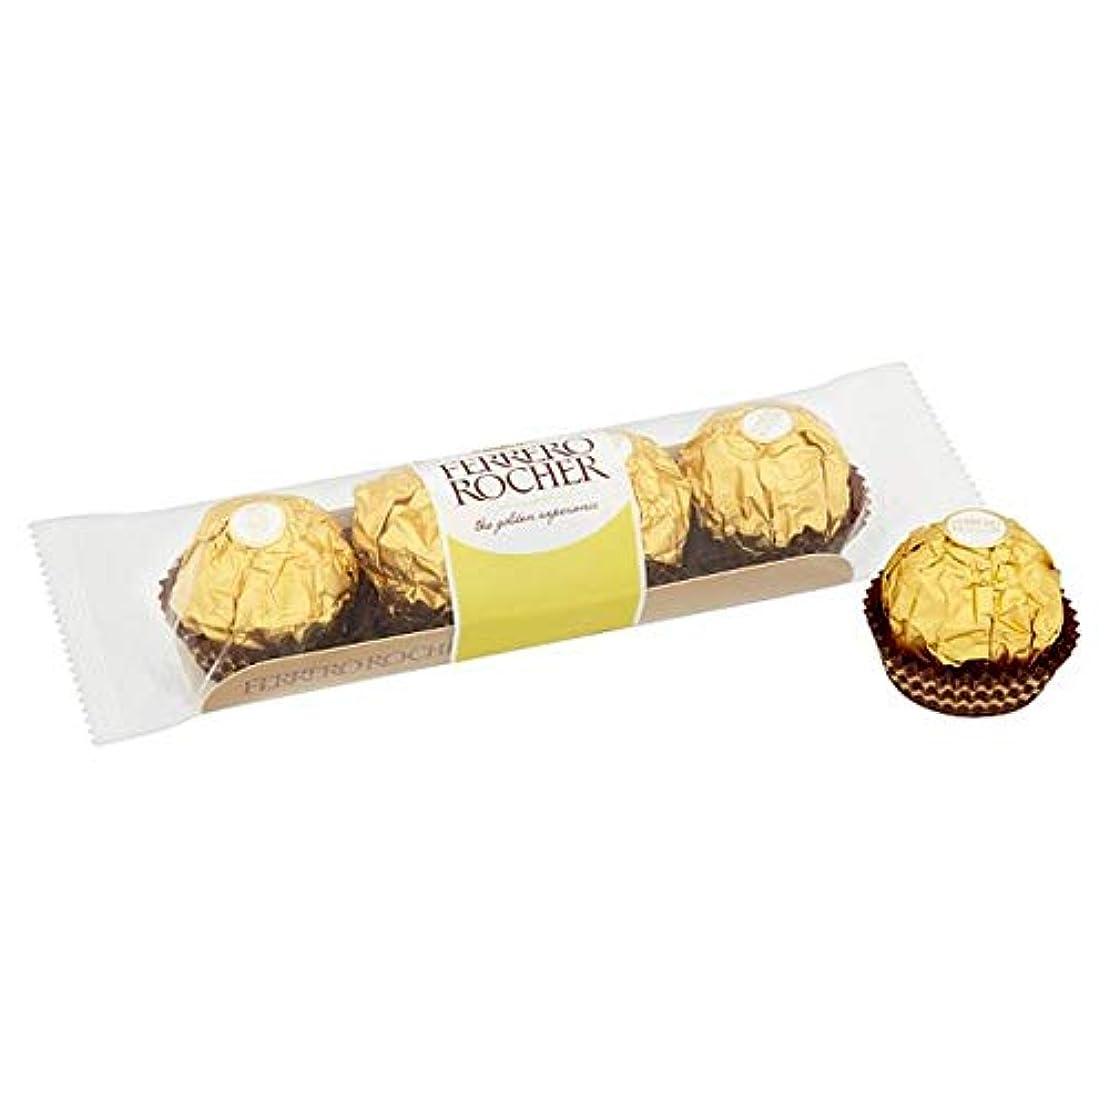 余韻厚い雑種[Ferrero Rocher] フェレロロシェ50グラム - Ferrero Rocher 50G [並行輸入品]